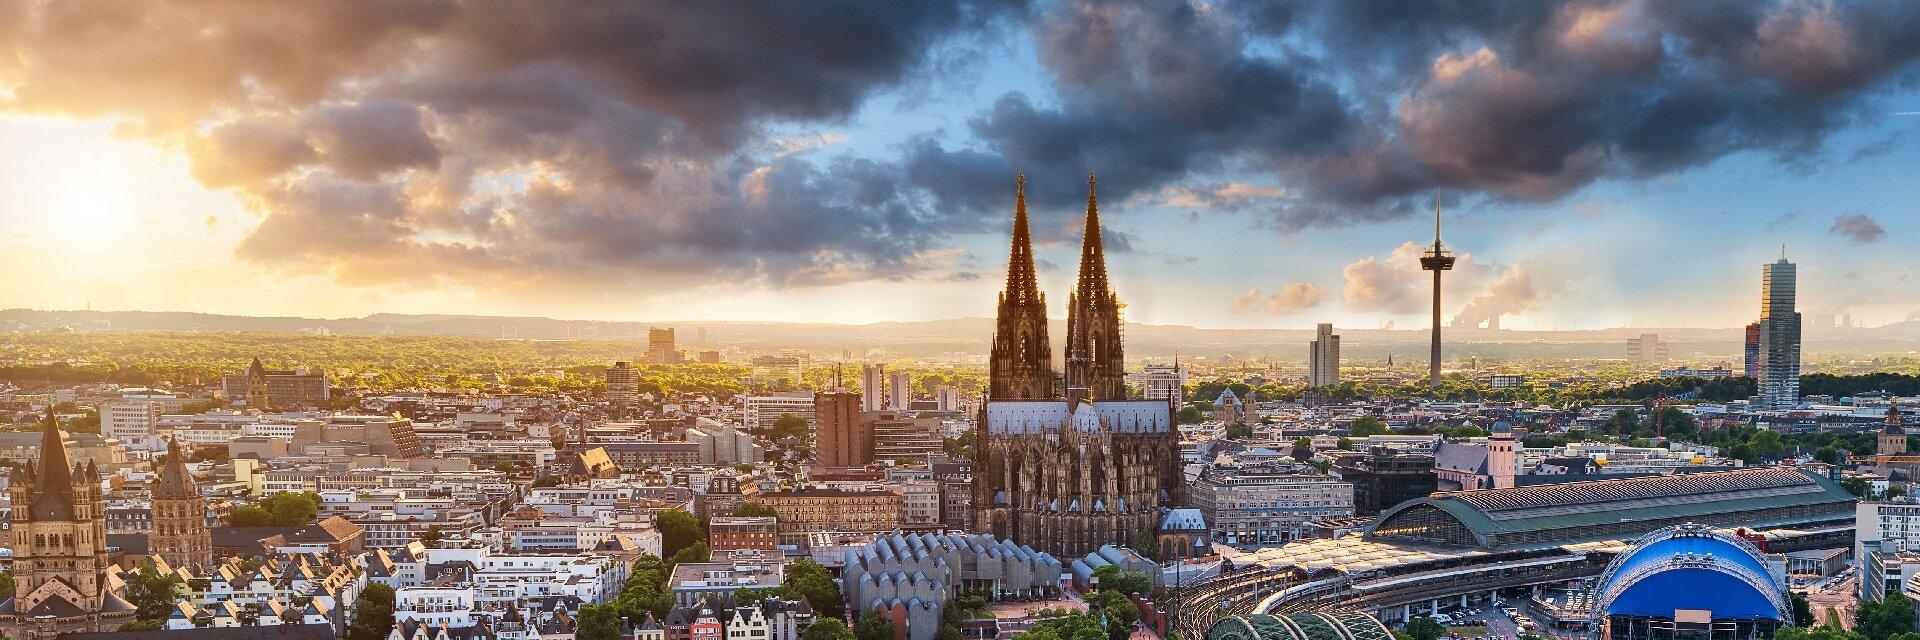 Поиск отелей в Кёльне